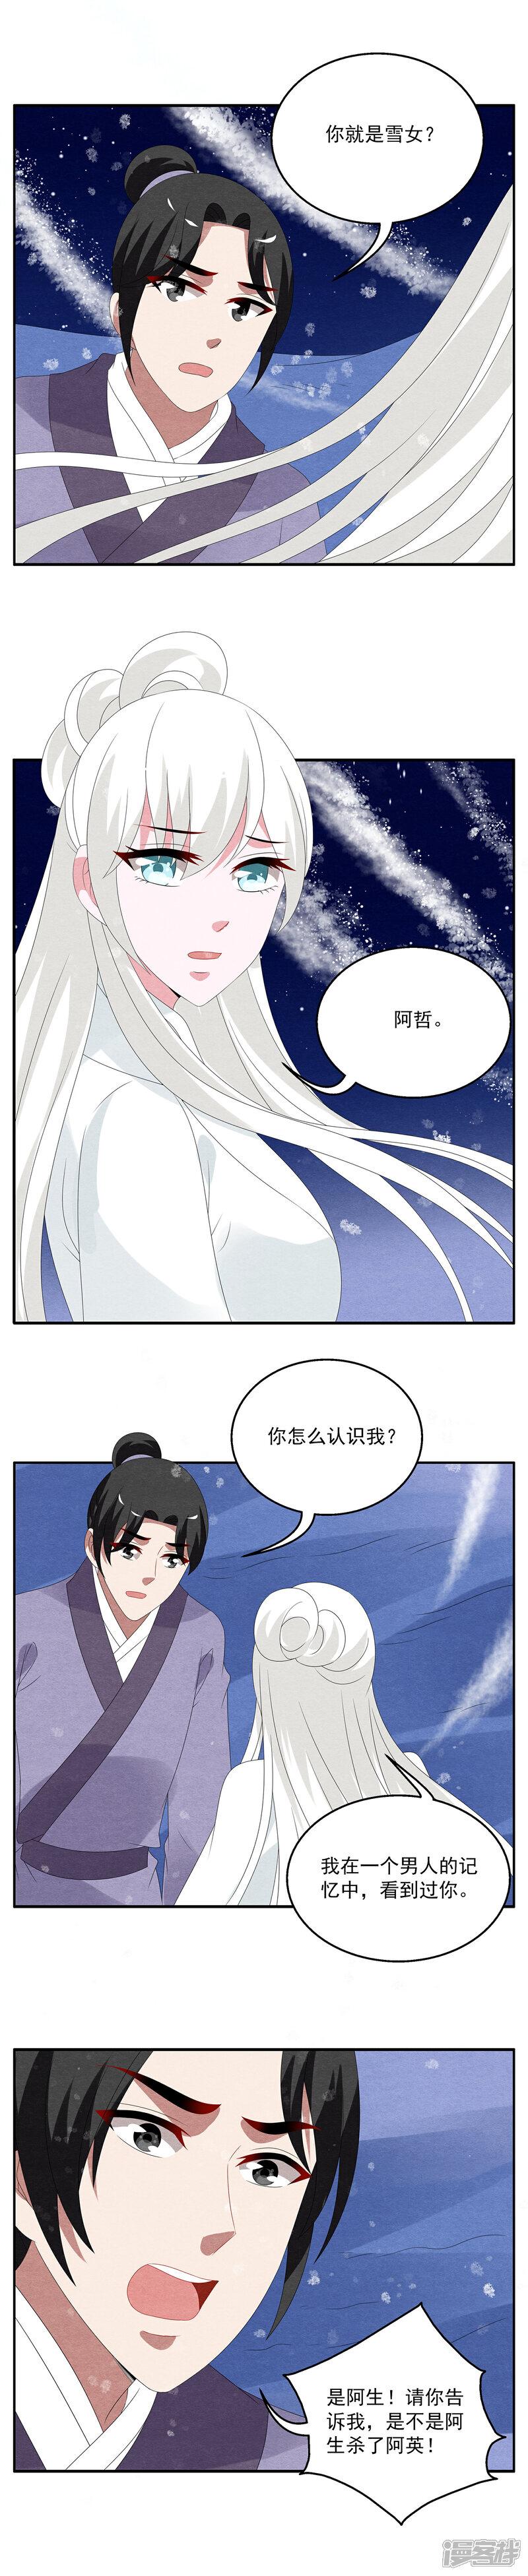 洛小妖98990013.JPG